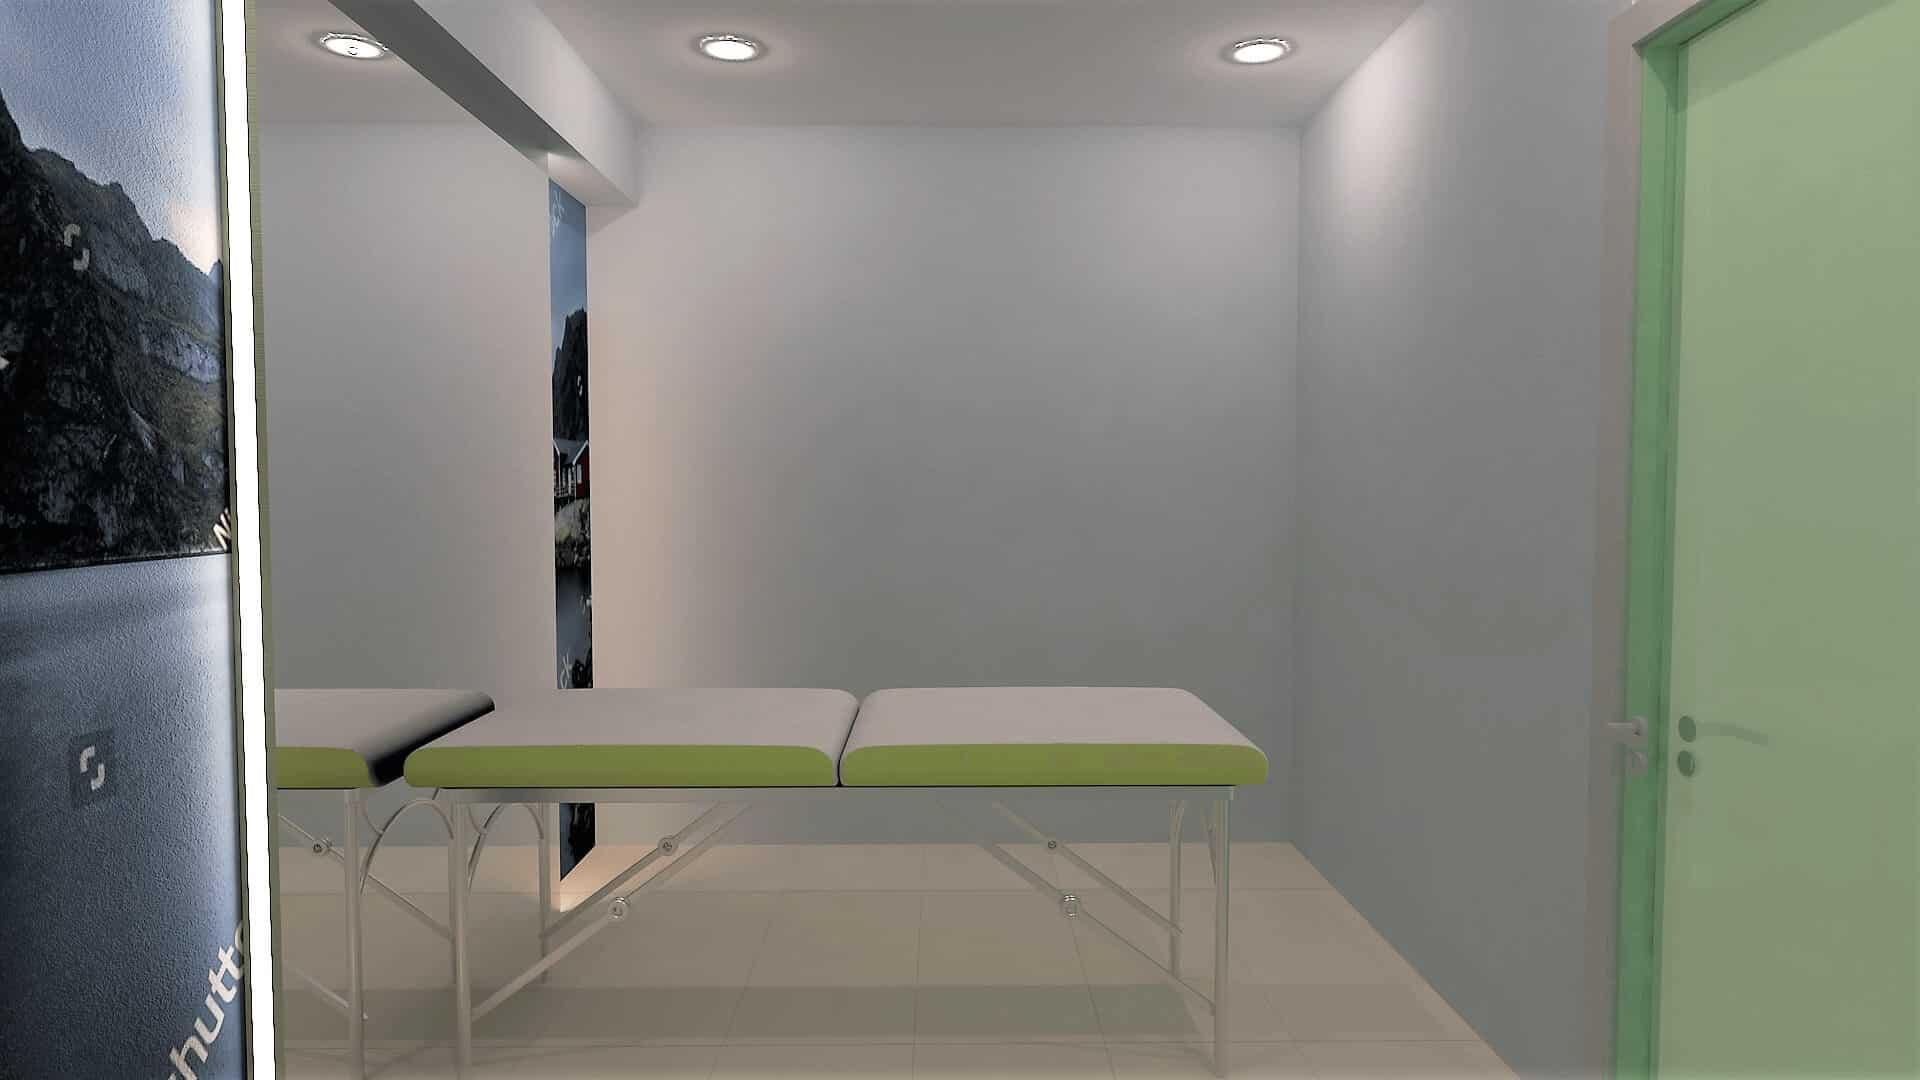 Μελέτη διακόσμησης φυσικοθεραπευτηρίου στο Πικέρμι